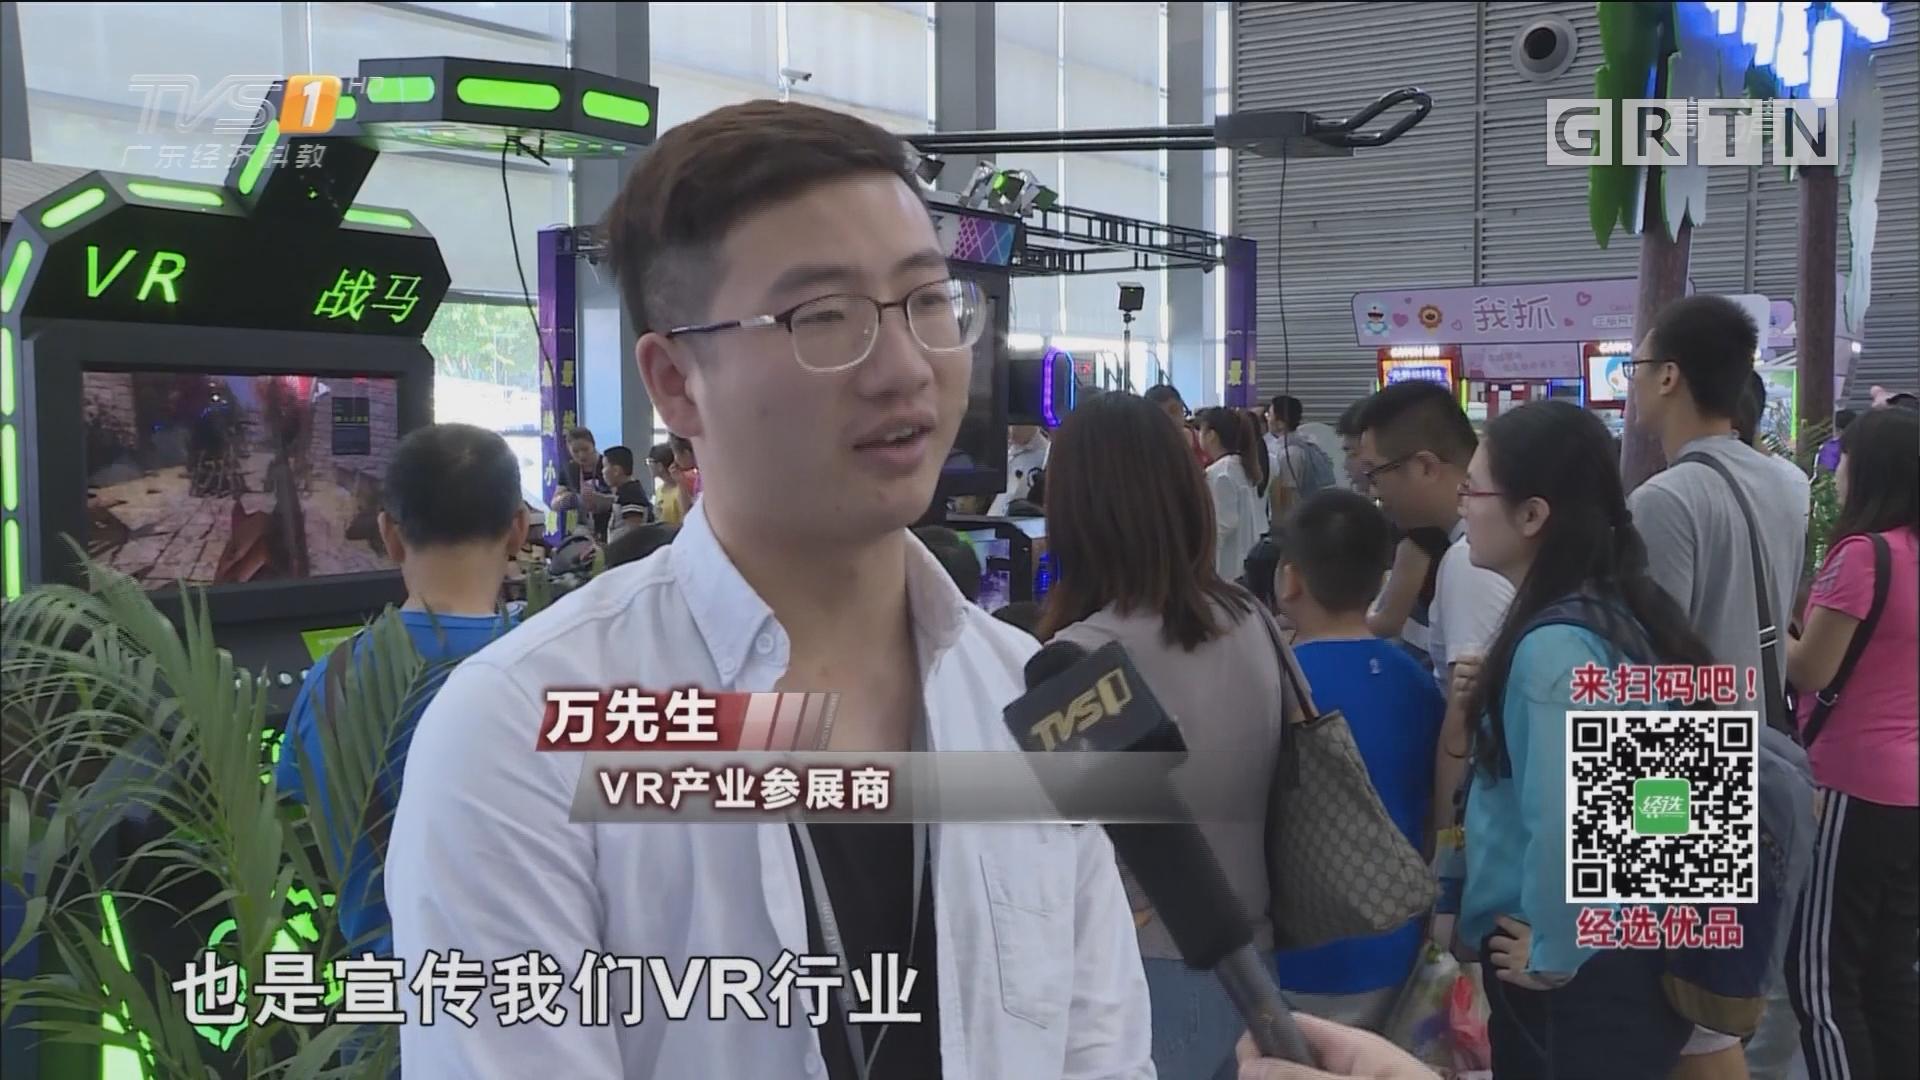 影视动漫产业锻造中国文化软实力